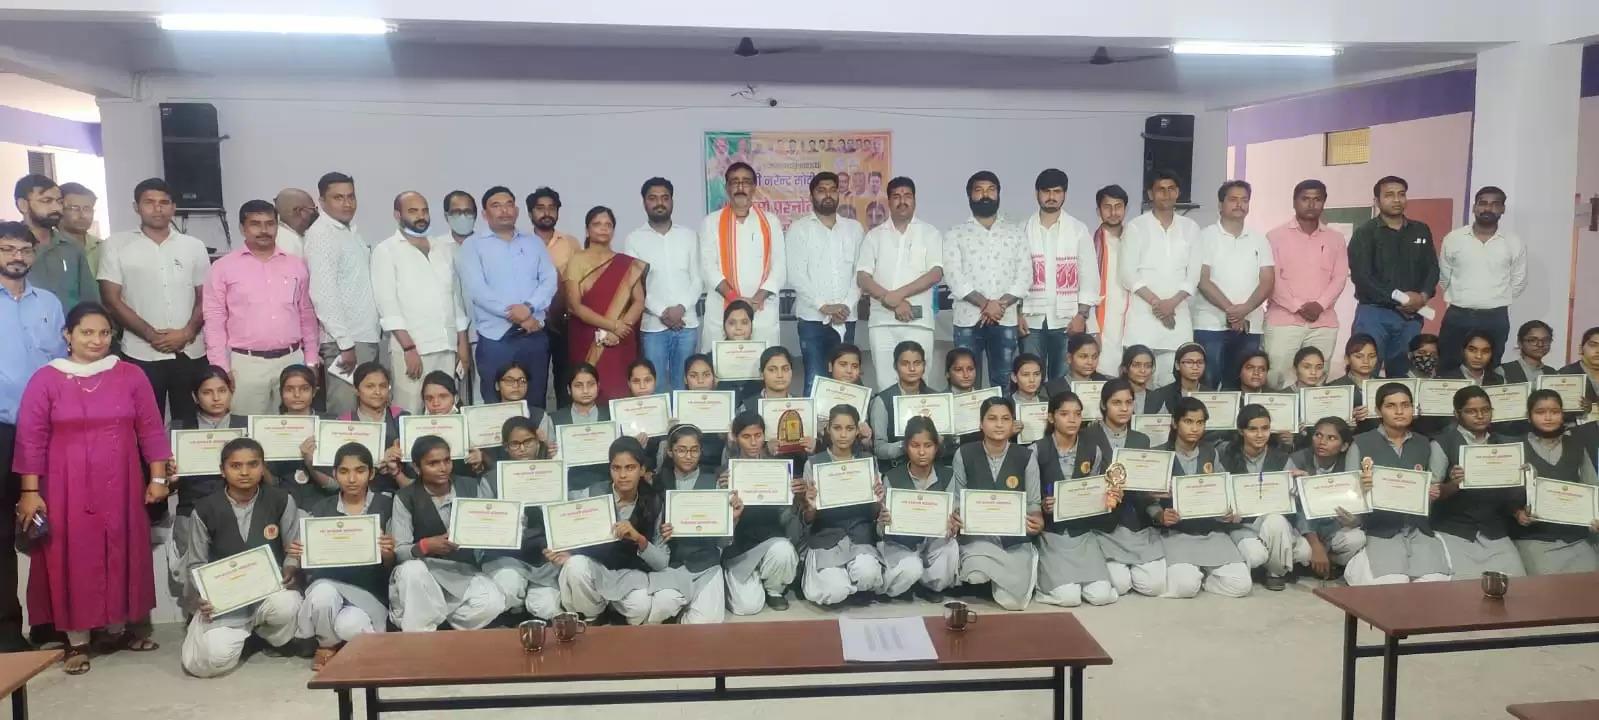 भाजपा युवा मोर्चा द्वारा सेवा समर्पण अभियान के तहत किया गया कार्यक्रम